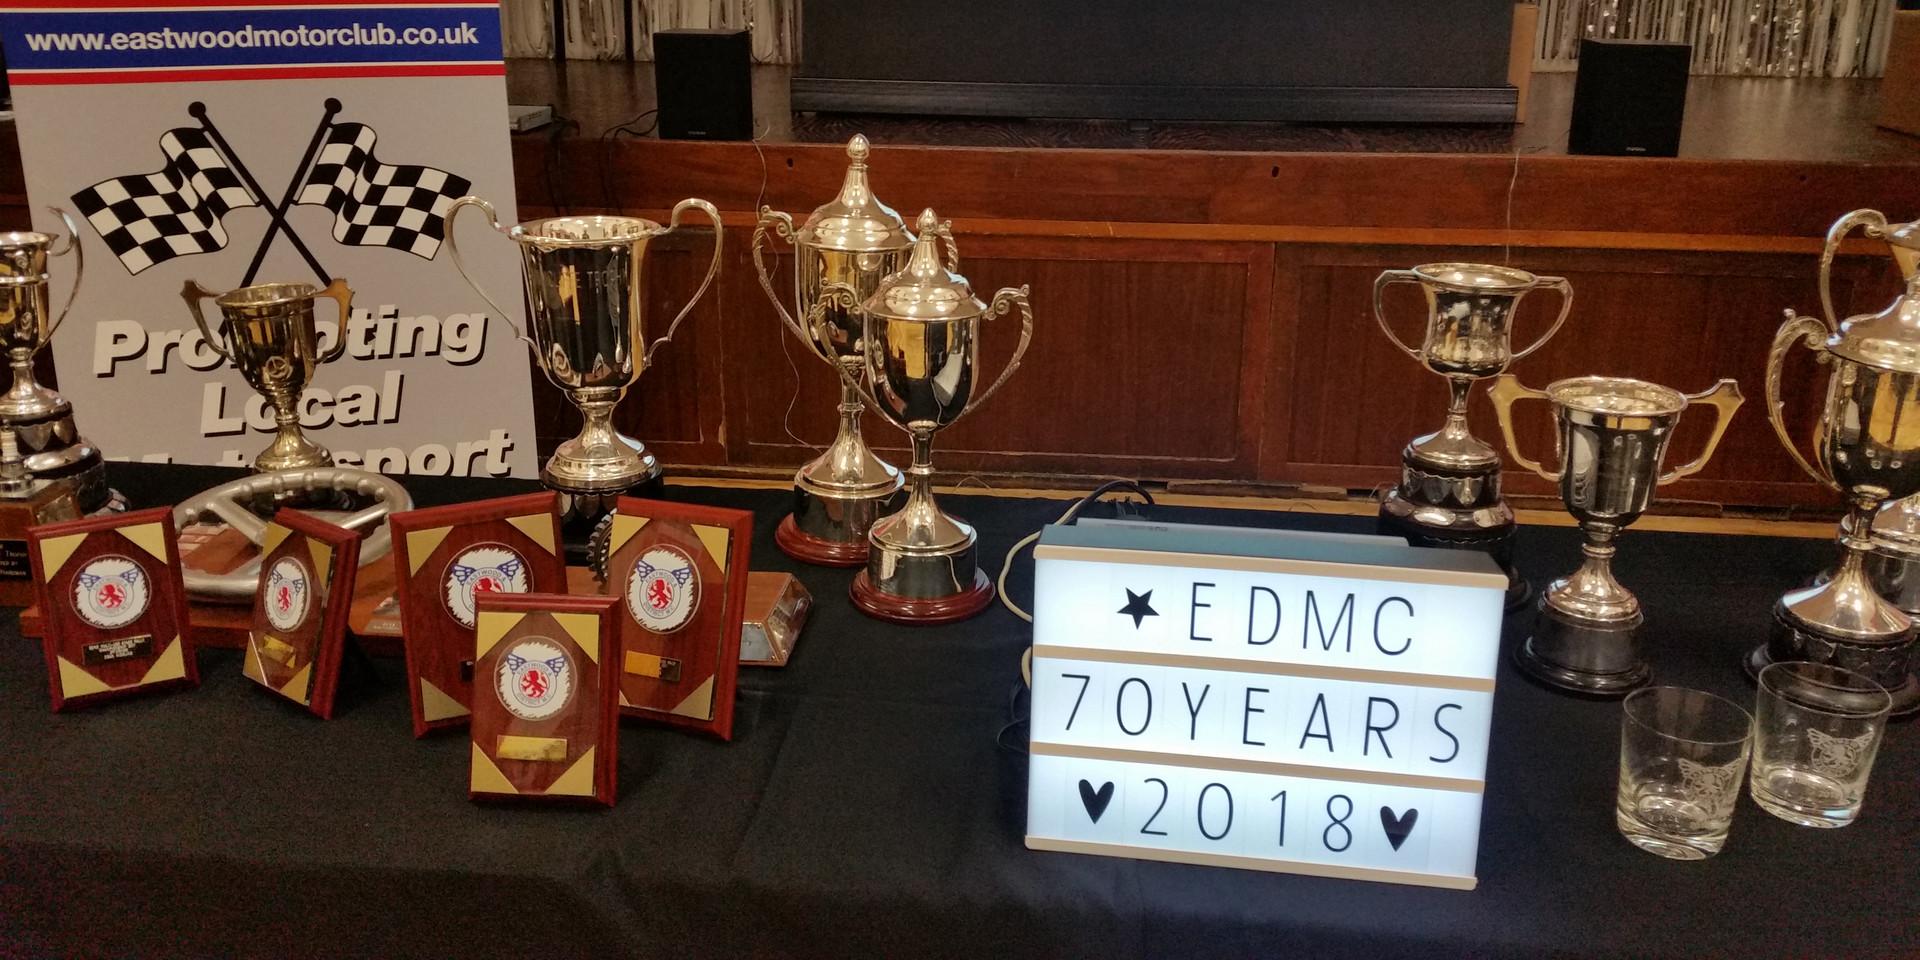 EDMC Awards Dinner 2018